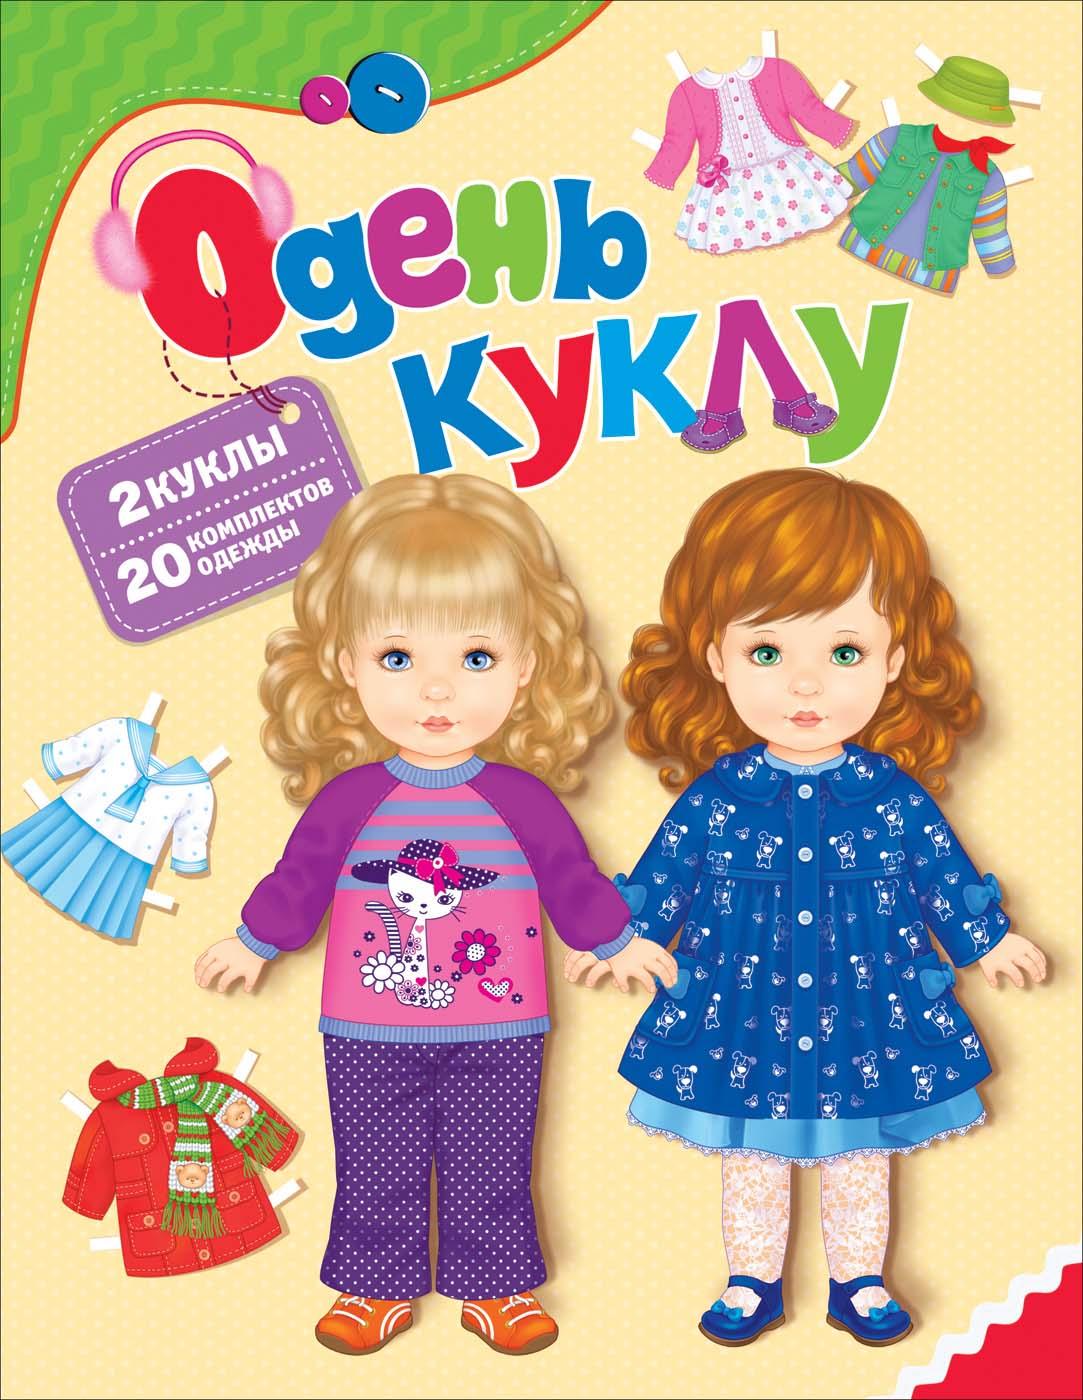 Книга-игрушка Одень куклуКниги для детского творчества<br>Книга-игрушка Одень куклу<br>